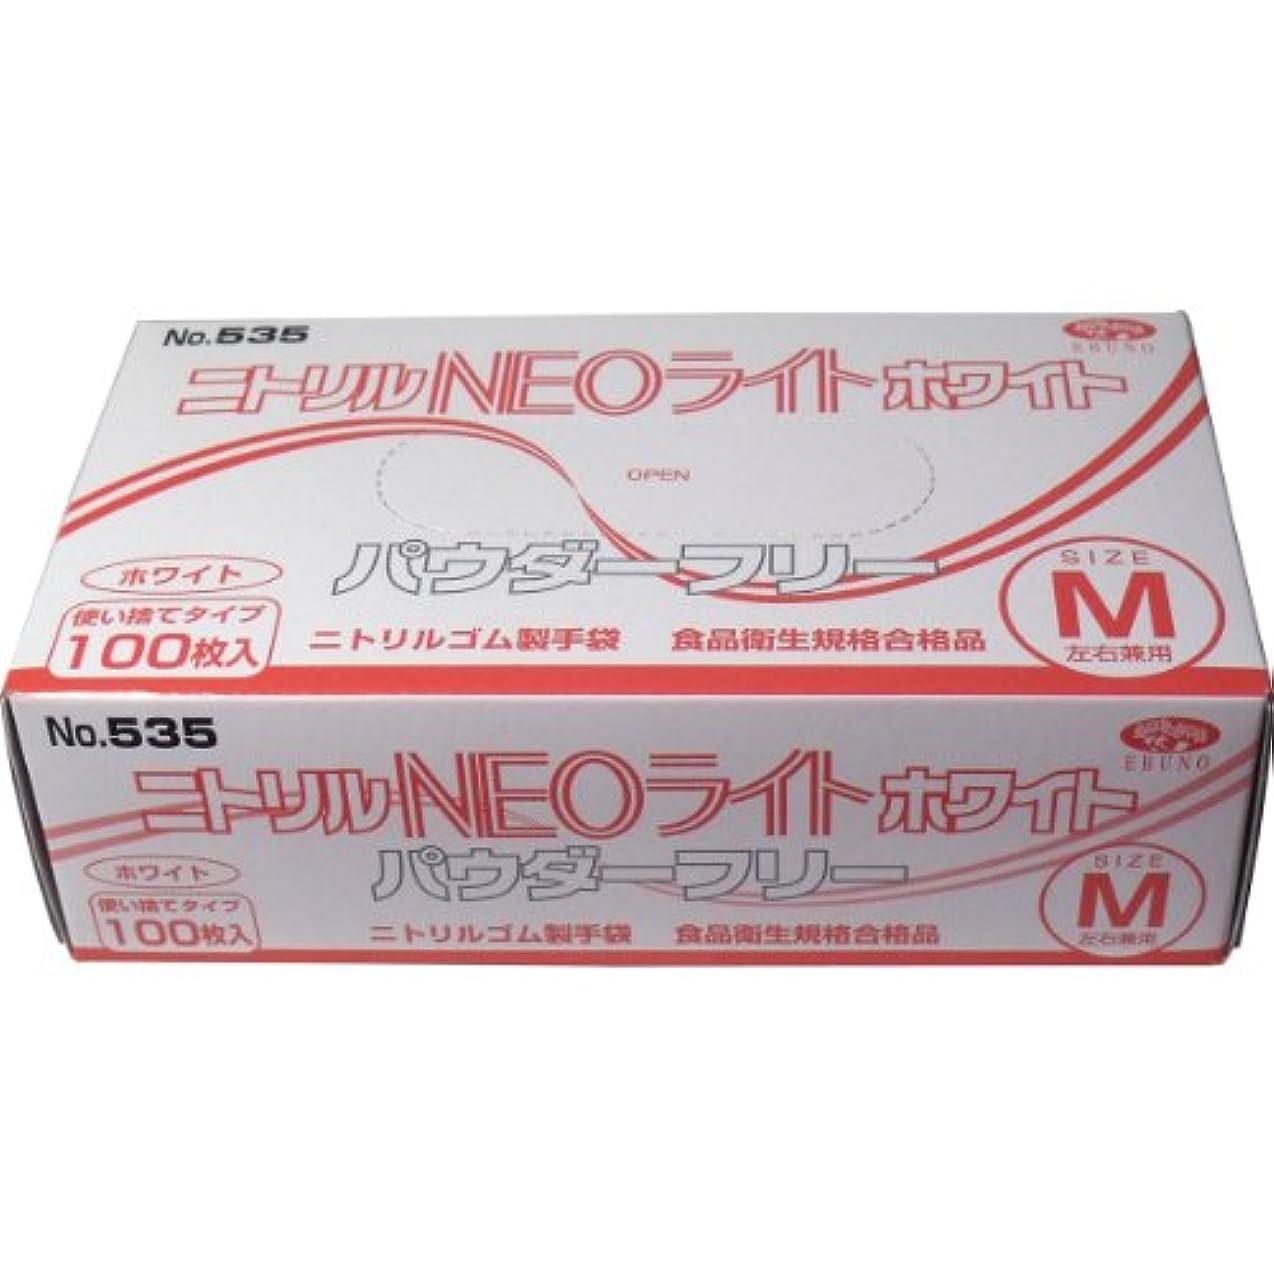 おしゃれな最も単調なエブノ No.535 ニトリル手袋 ネオライト パウダーフリー ホワイト Mサイズ 100枚入